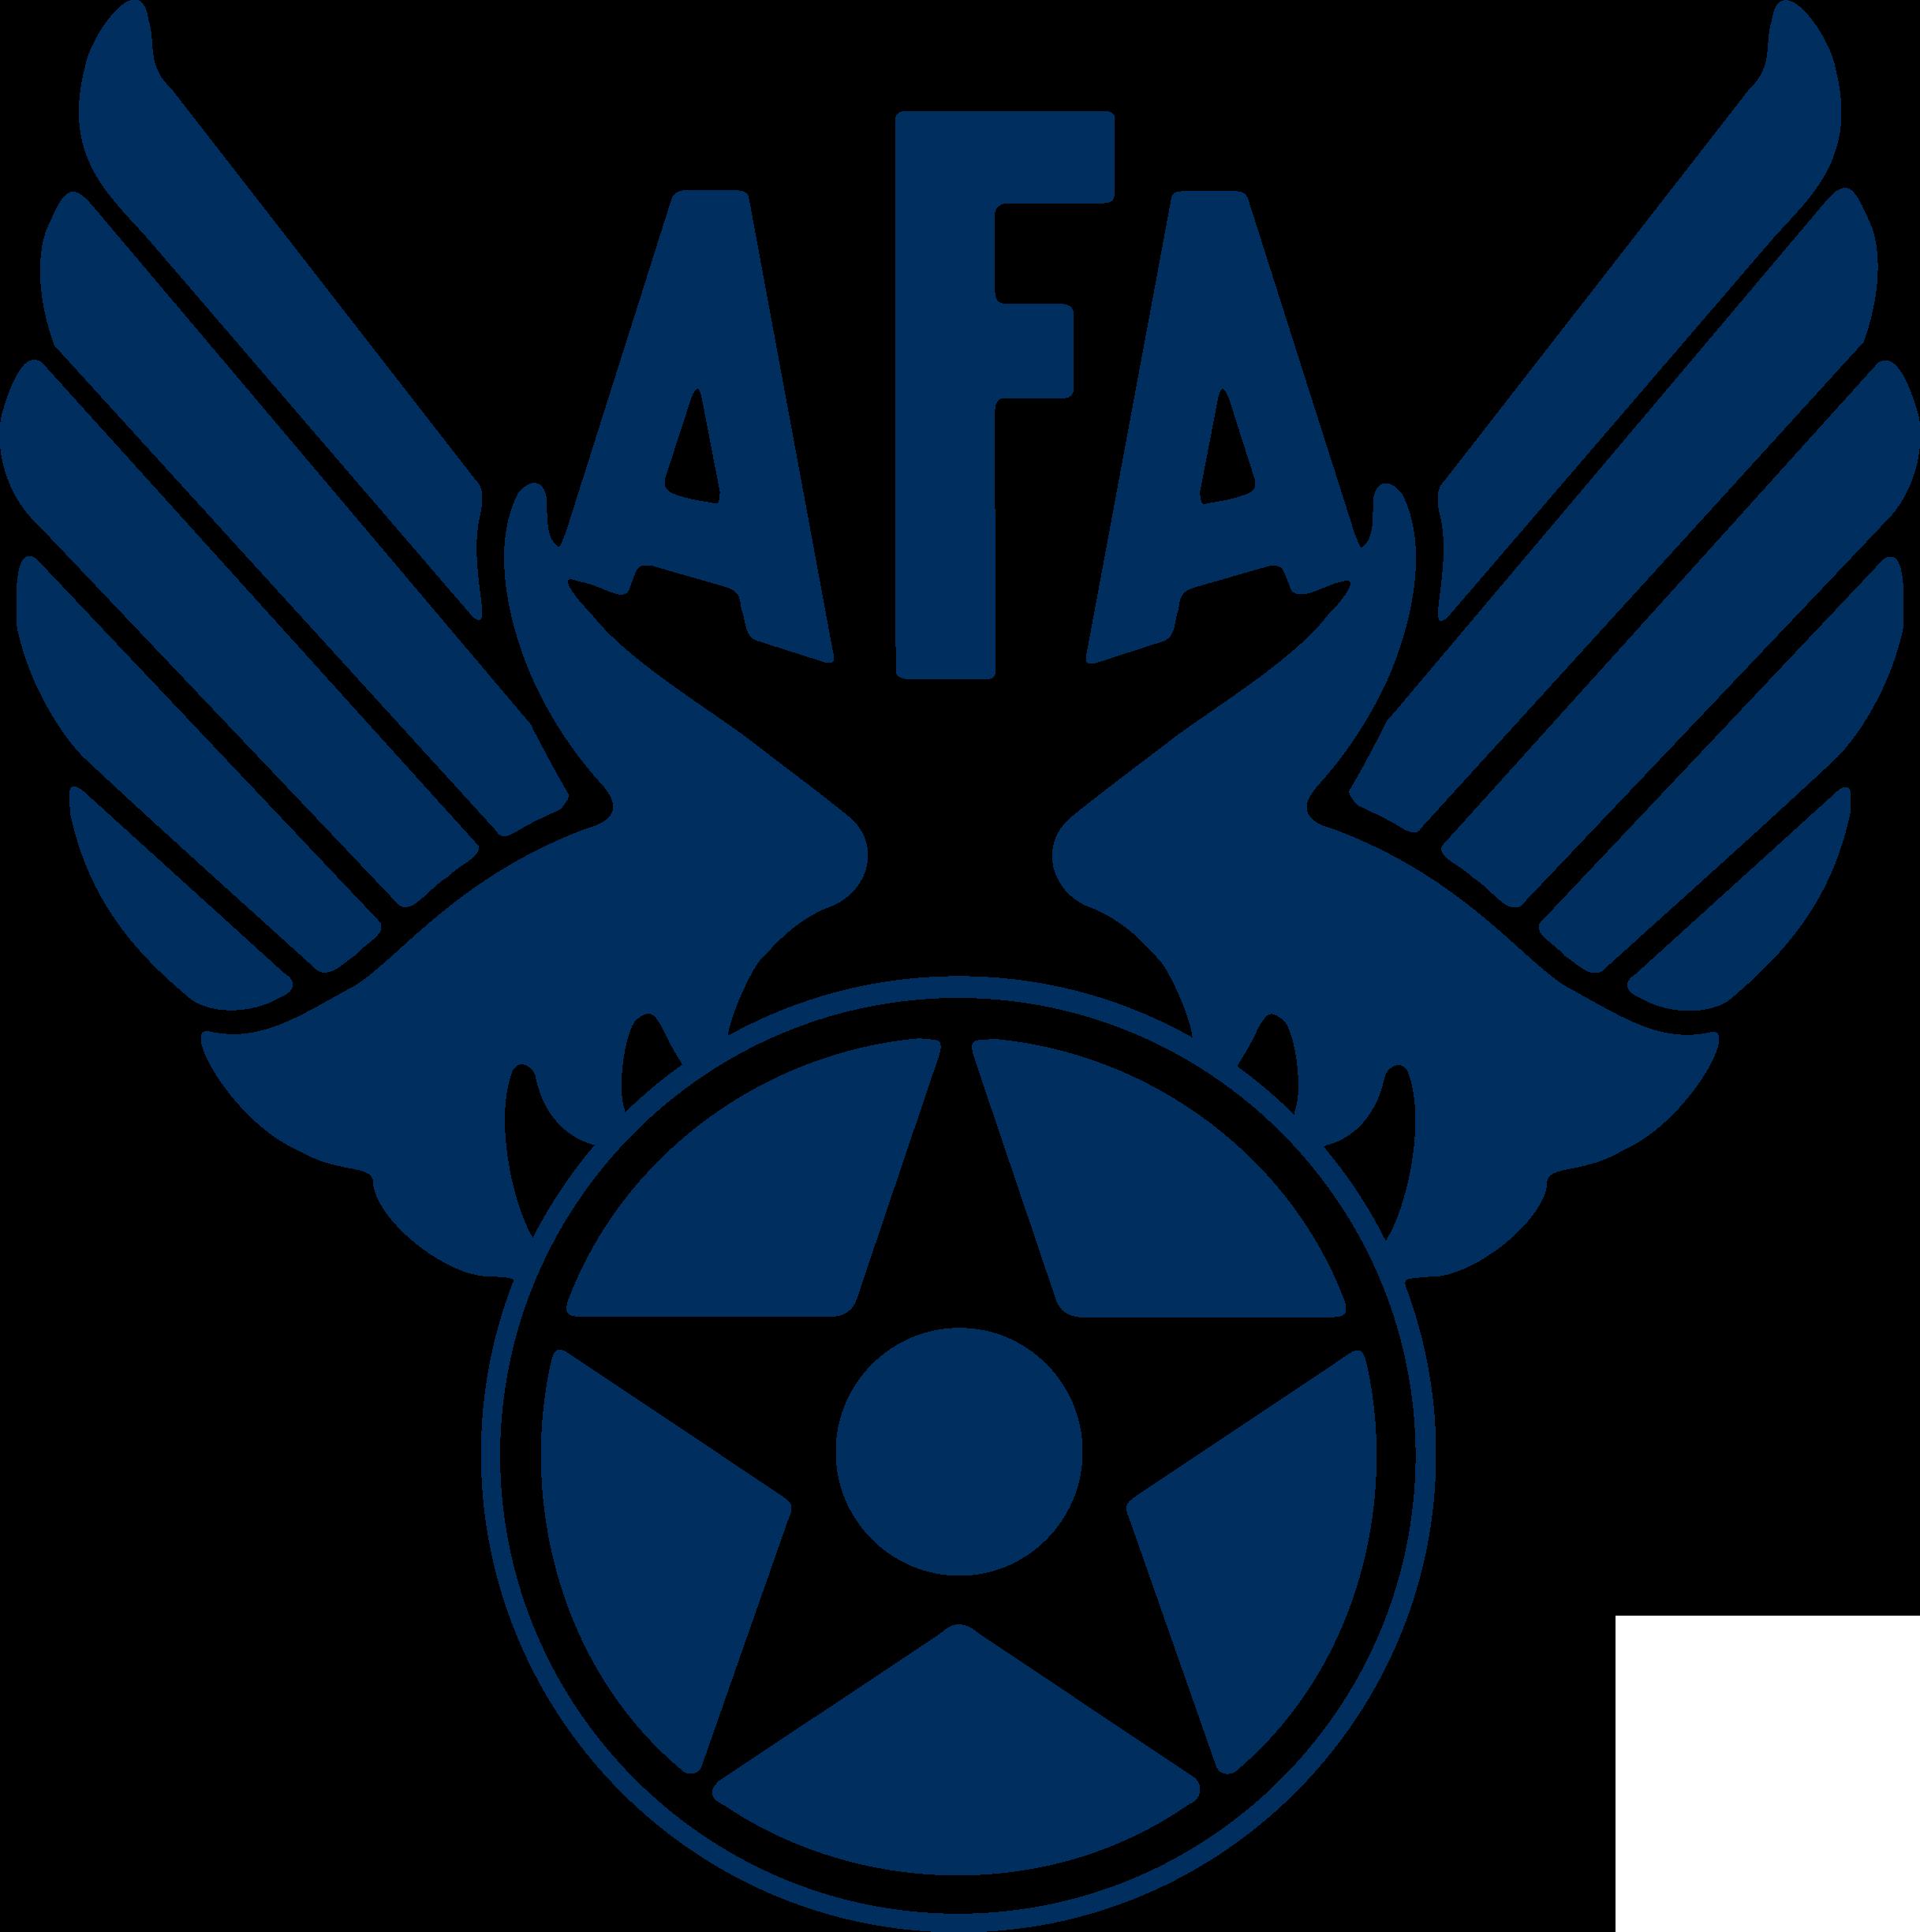 Logos - Afa Team PNG